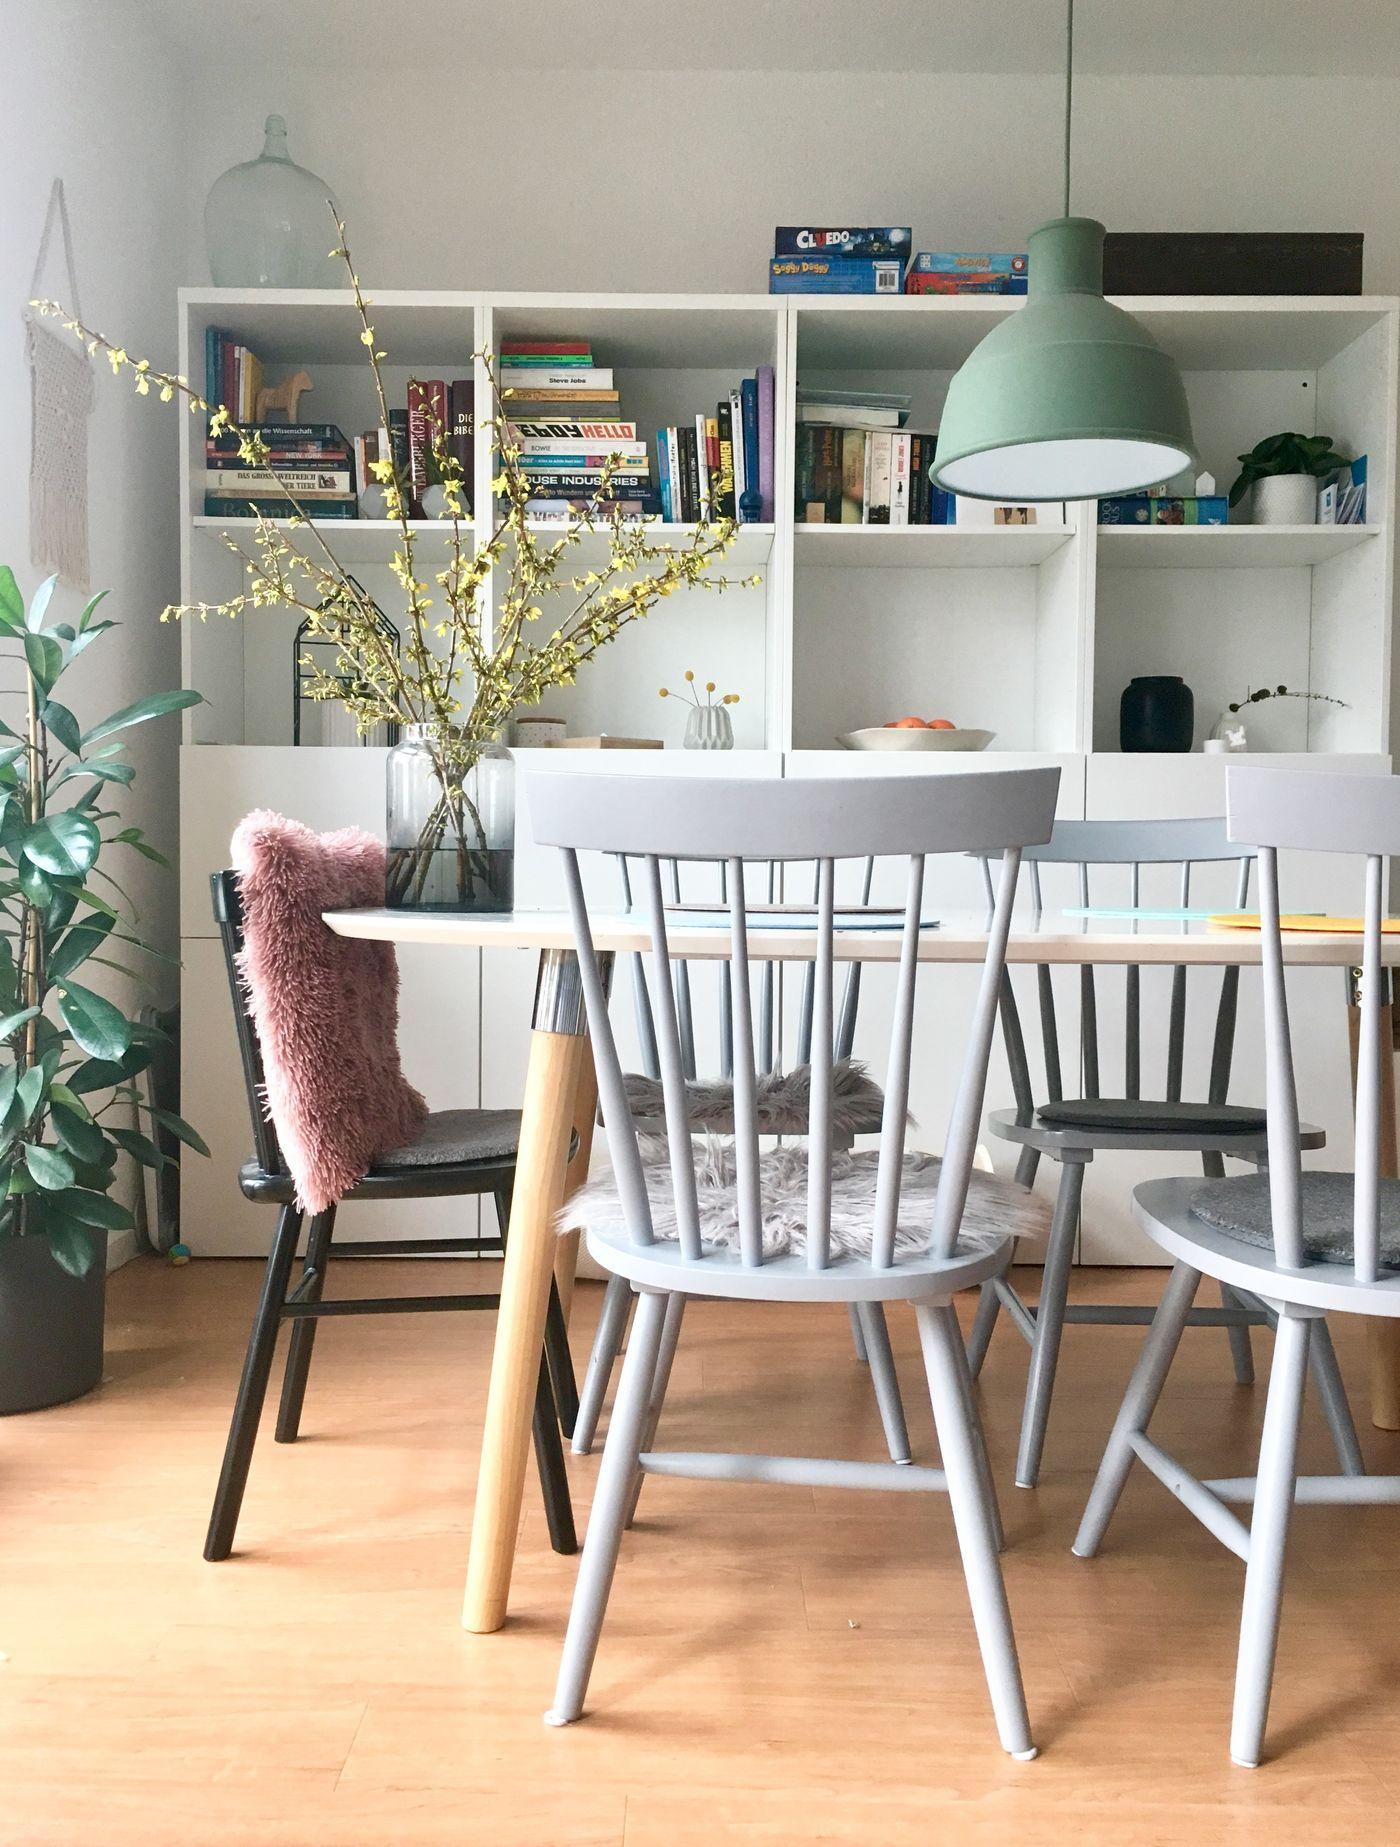 ideen fr spielzimmer full size of entzckendes interieur kleiner begehbarer dekoration die. Black Bedroom Furniture Sets. Home Design Ideas